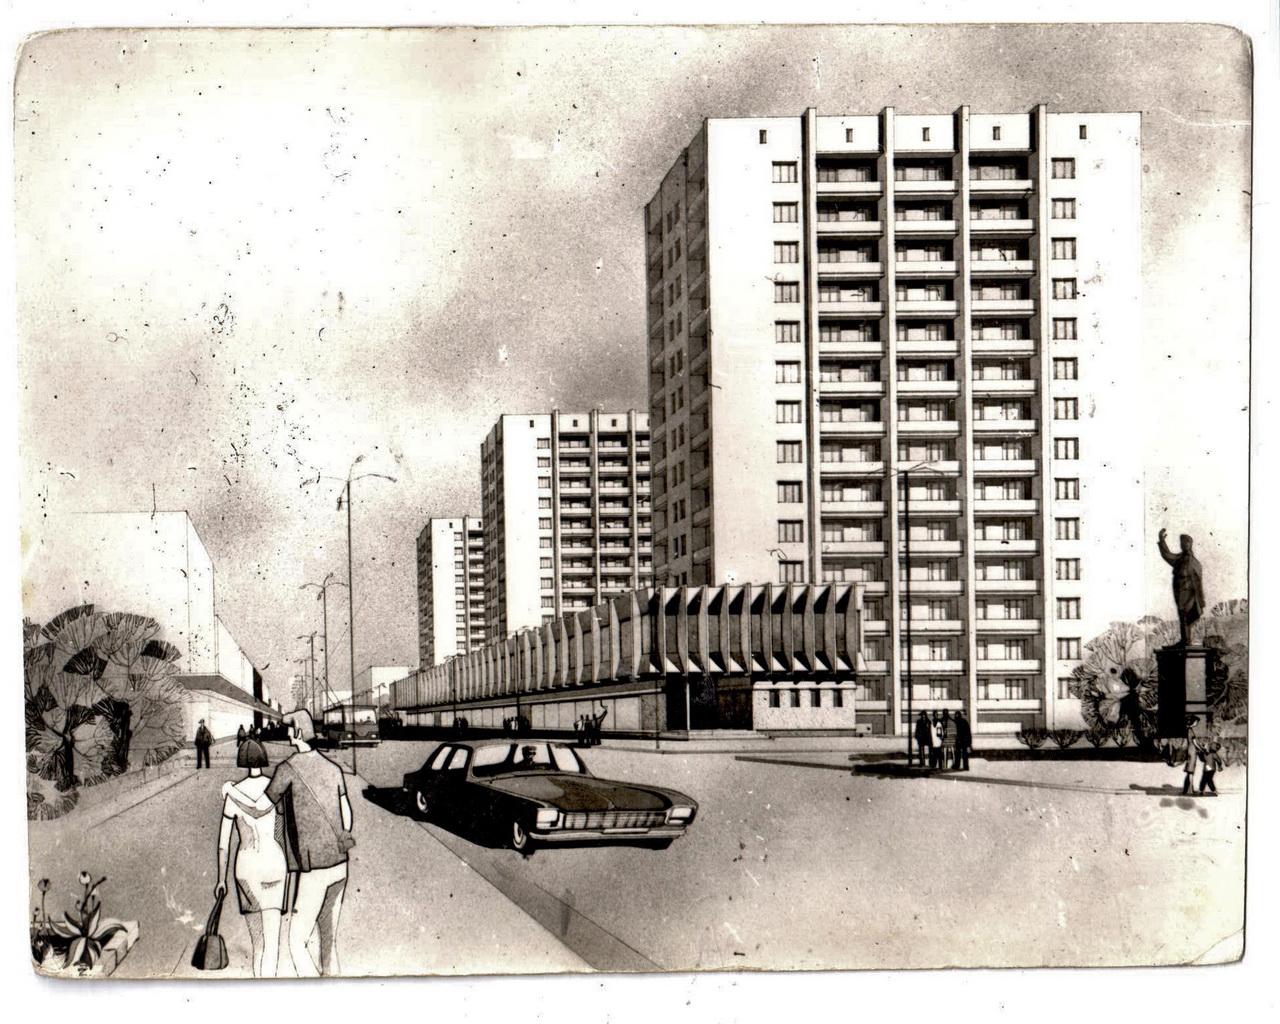 проект застройки проспекта ленина.jpeg